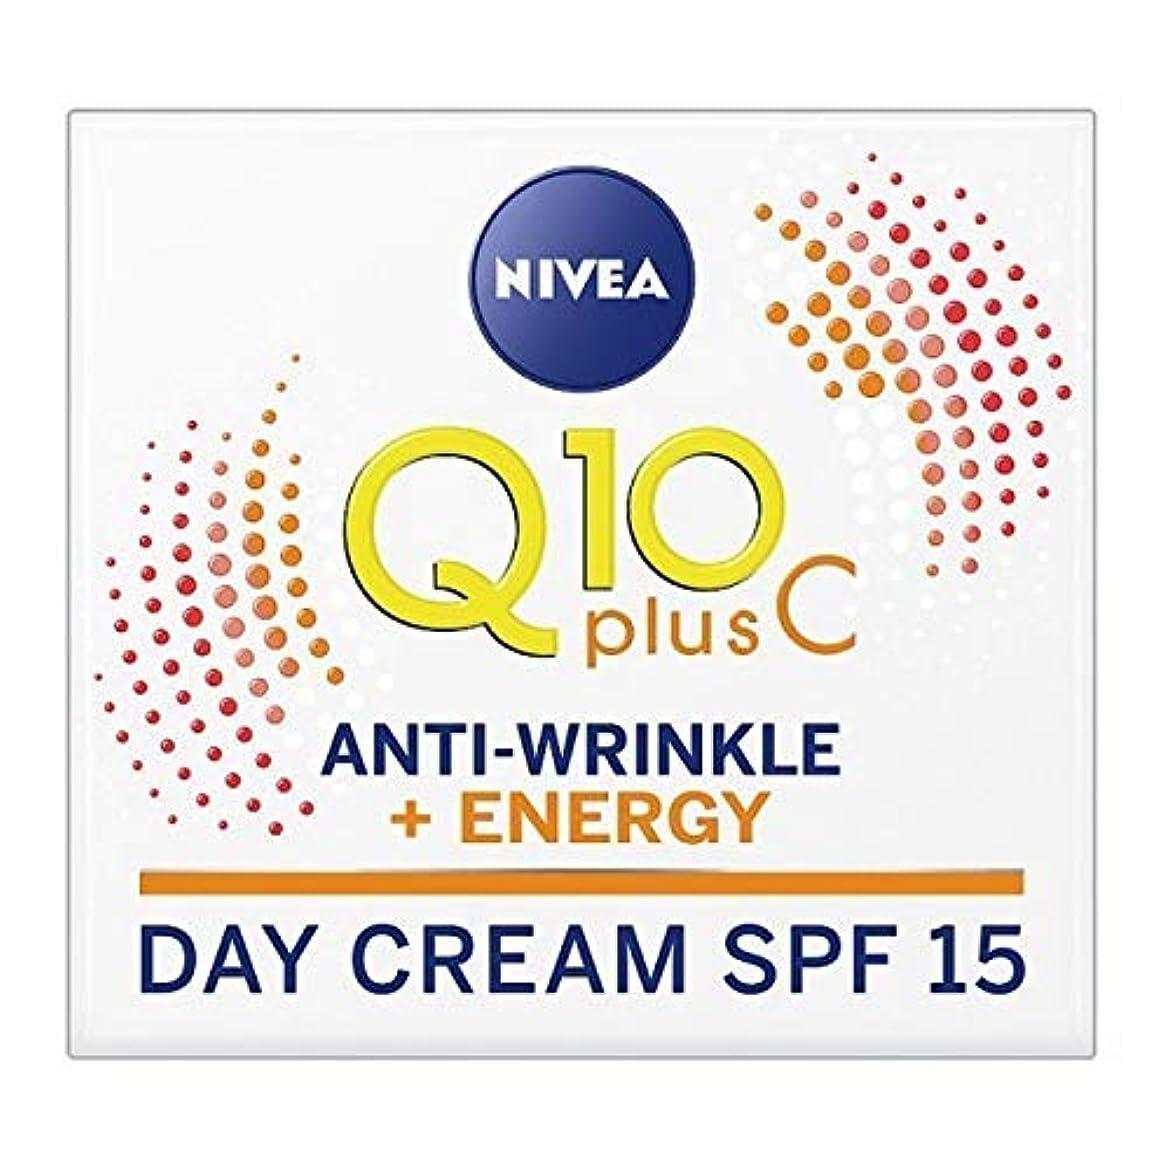 役立つ仕出しますパニック[Nivea ] ニベアのQ10、ビタミンC抗シワエネルギーフェイスクリームSpf 15 - NIVEA Q10 Vitamin C Anti-Wrinkle Energy Face Cream SPF 15 [並行輸入品]